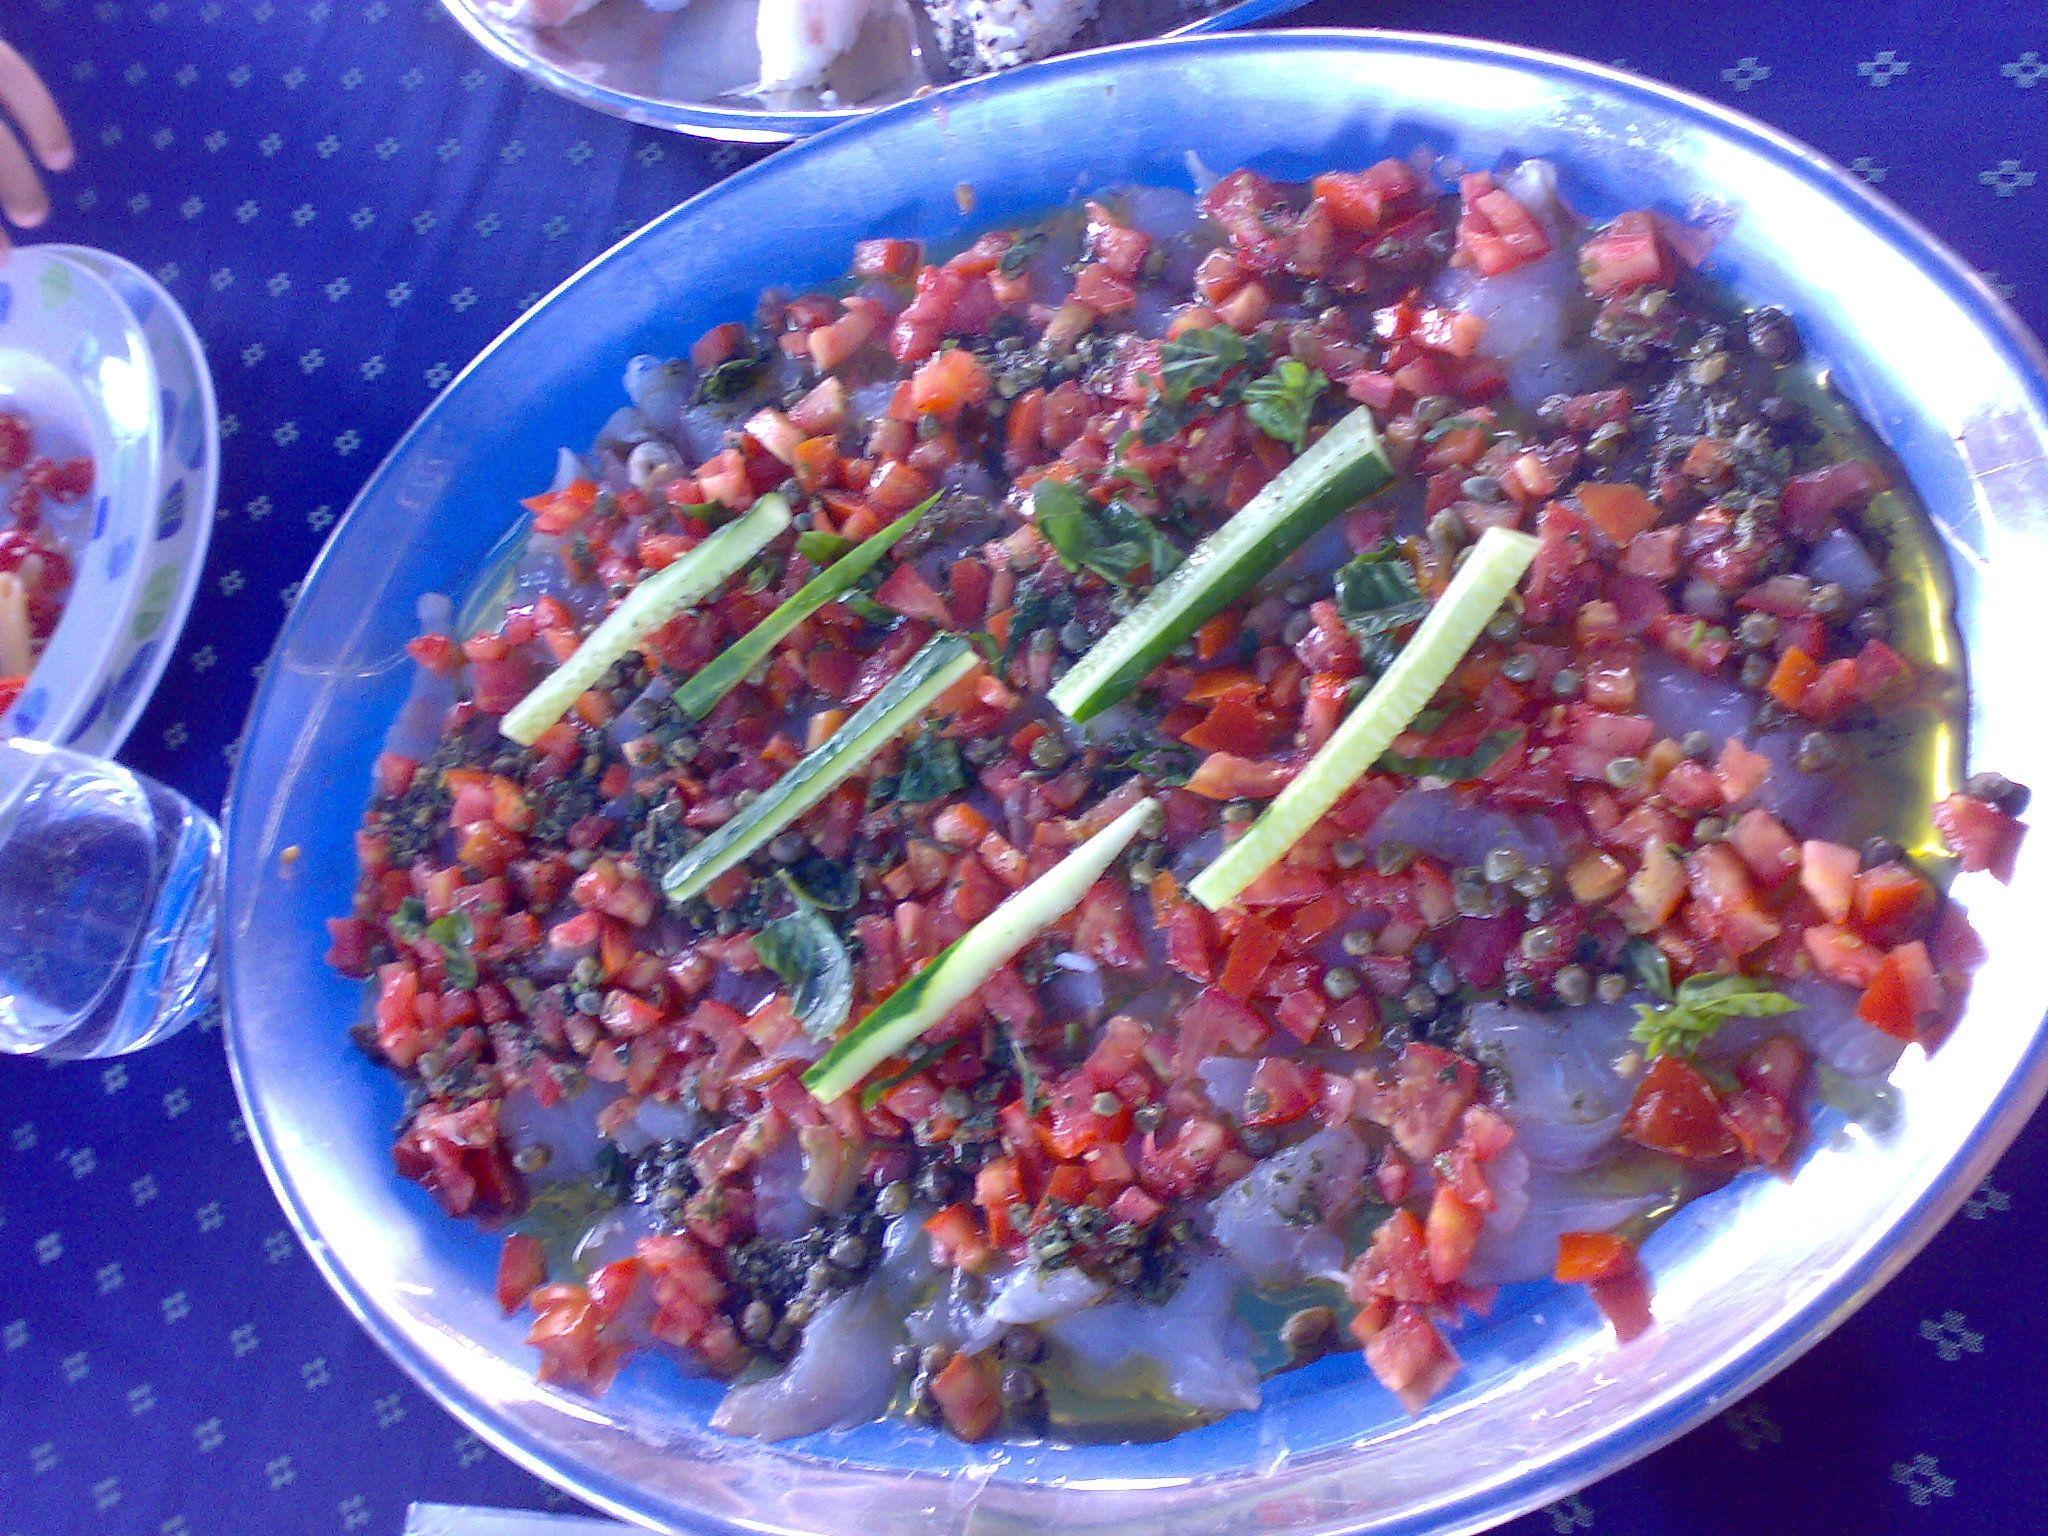 Pesce marinato con capperi / Marinated fish with capers